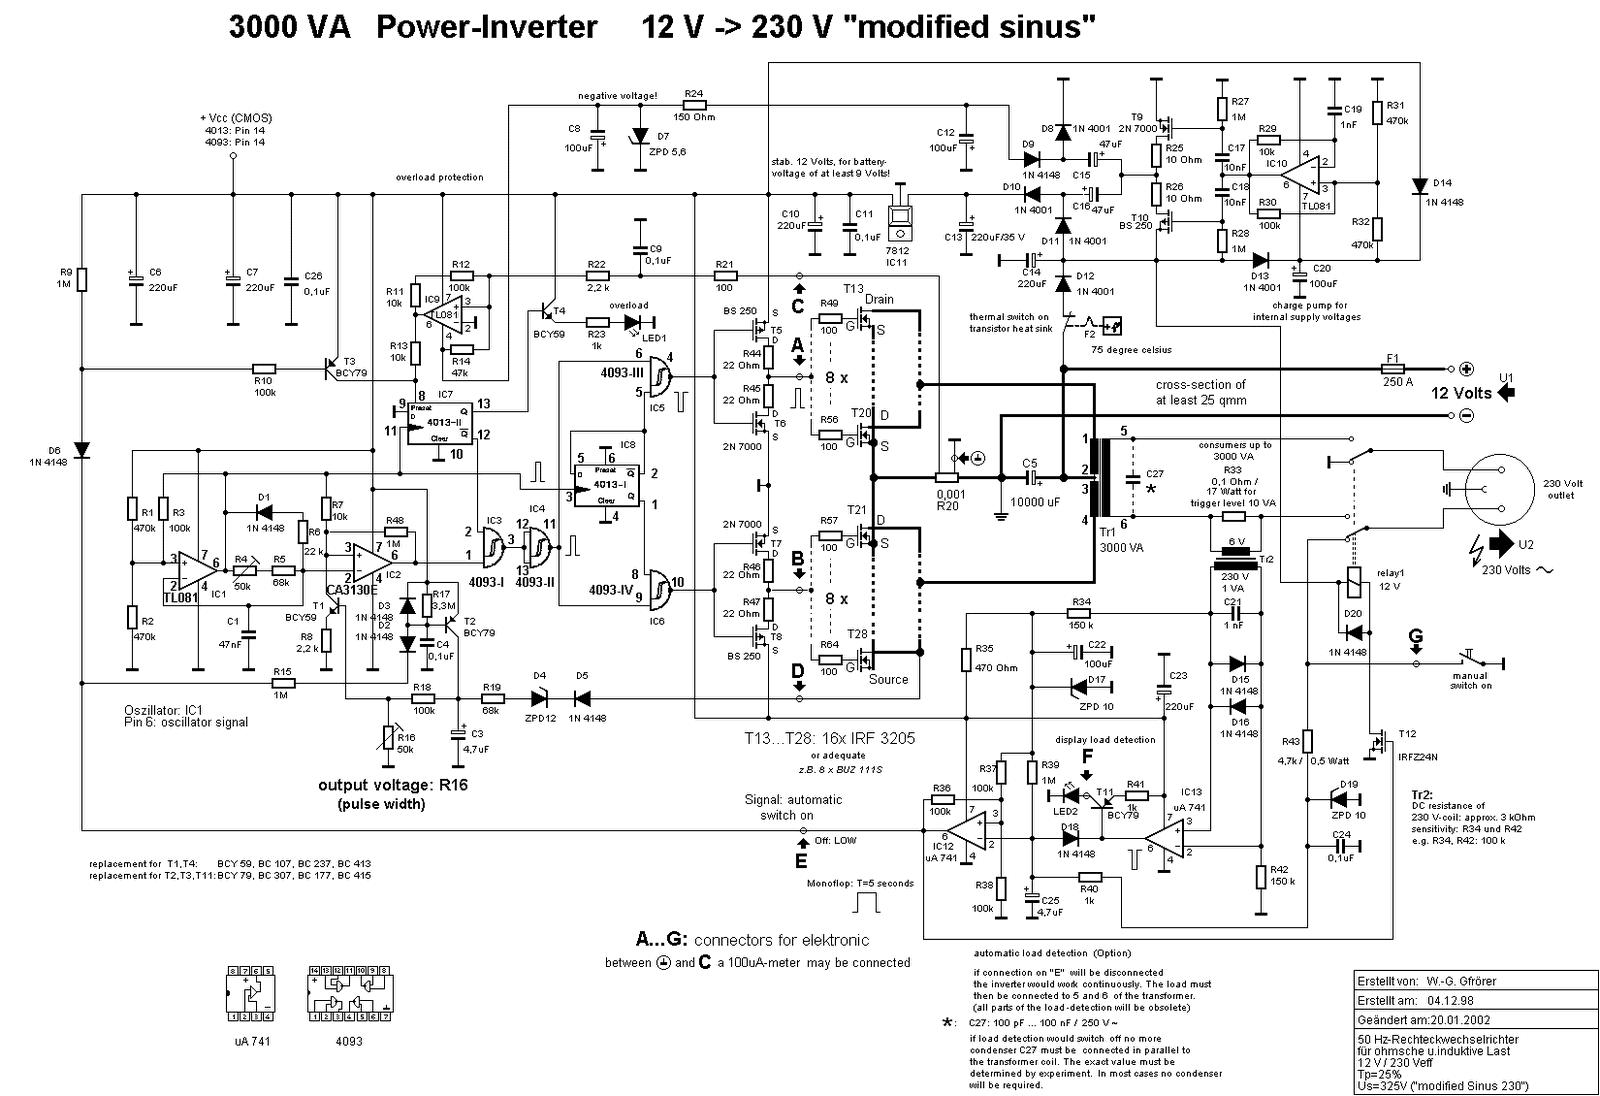 Ups schematic wiring diagram free download wiring diagrams ups schematic wiring diagram free download wiring diagrams schematics ccuart Gallery